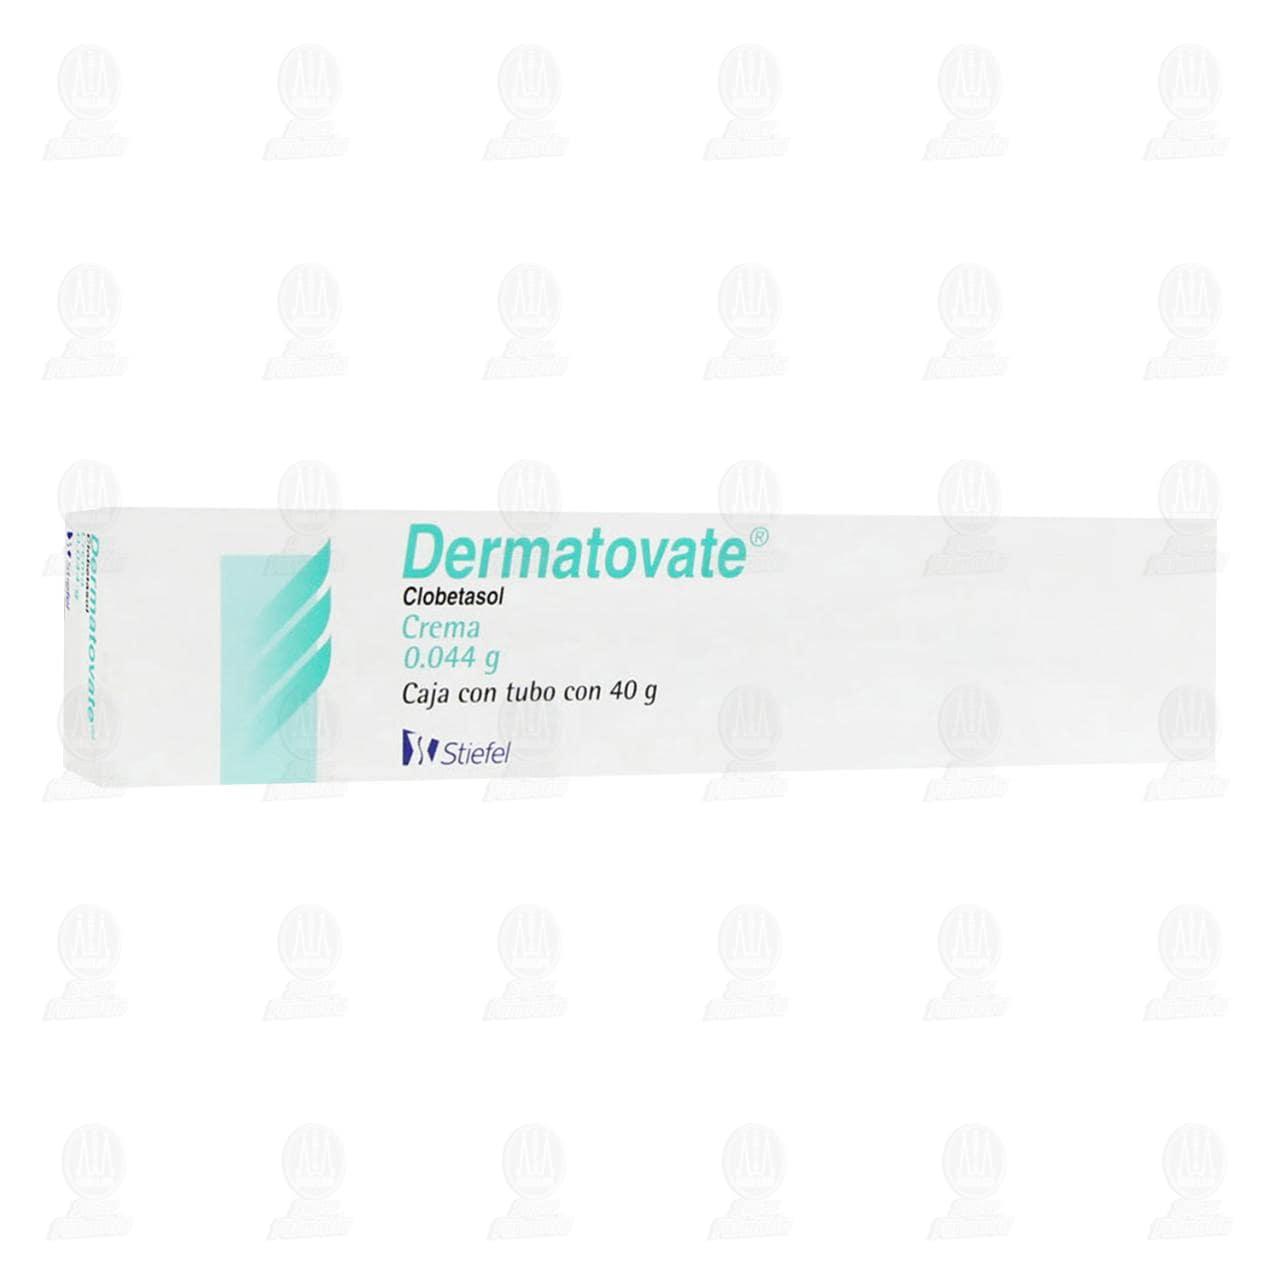 Comprar Dermatovate 40gr Crema en Farmacias Guadalajara